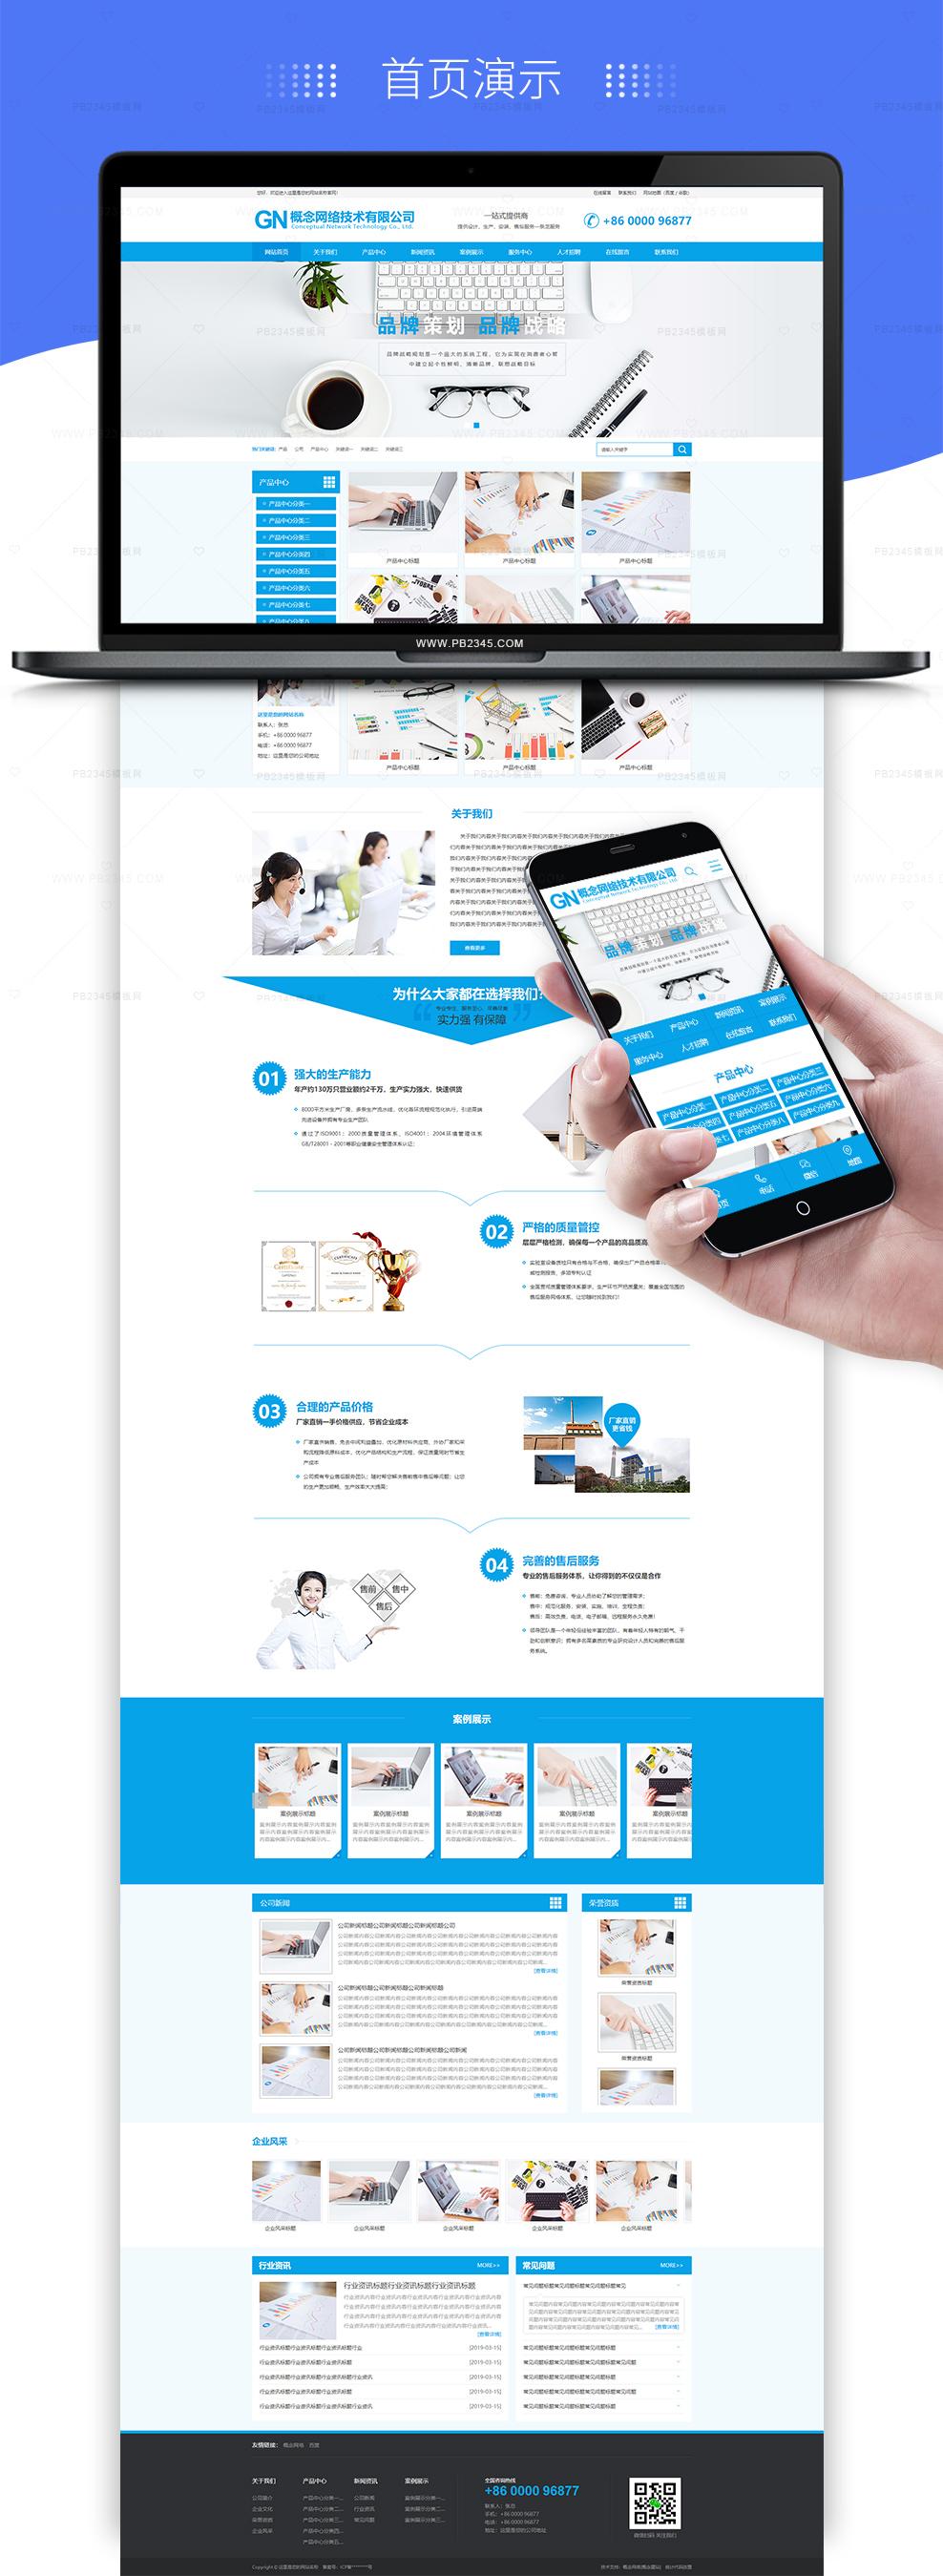 pbootcms蓝色营销类通用网站模板